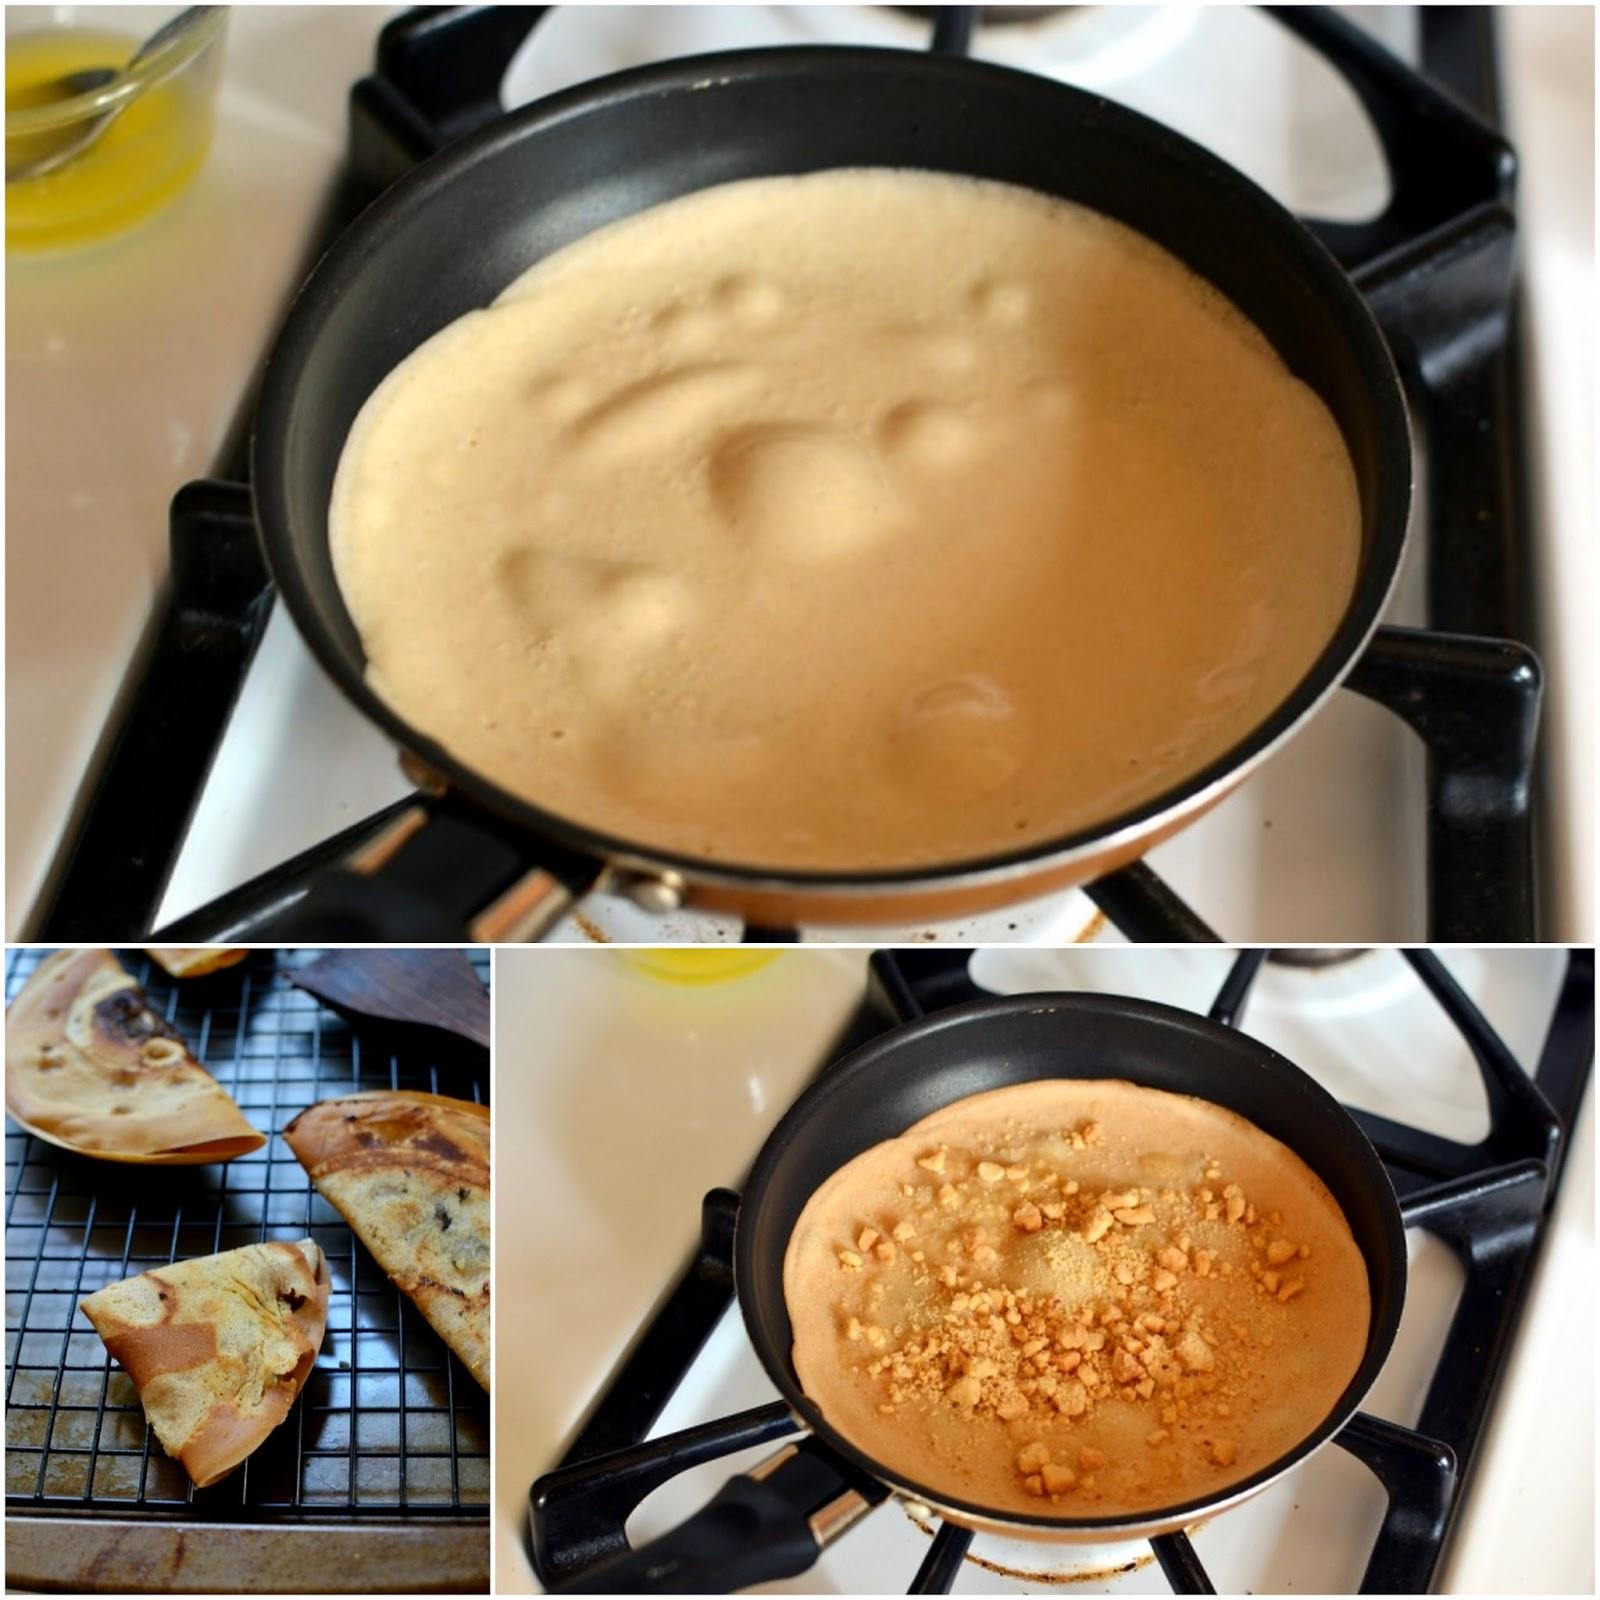 Making of Apam Balik (Malaysian Pancakes)